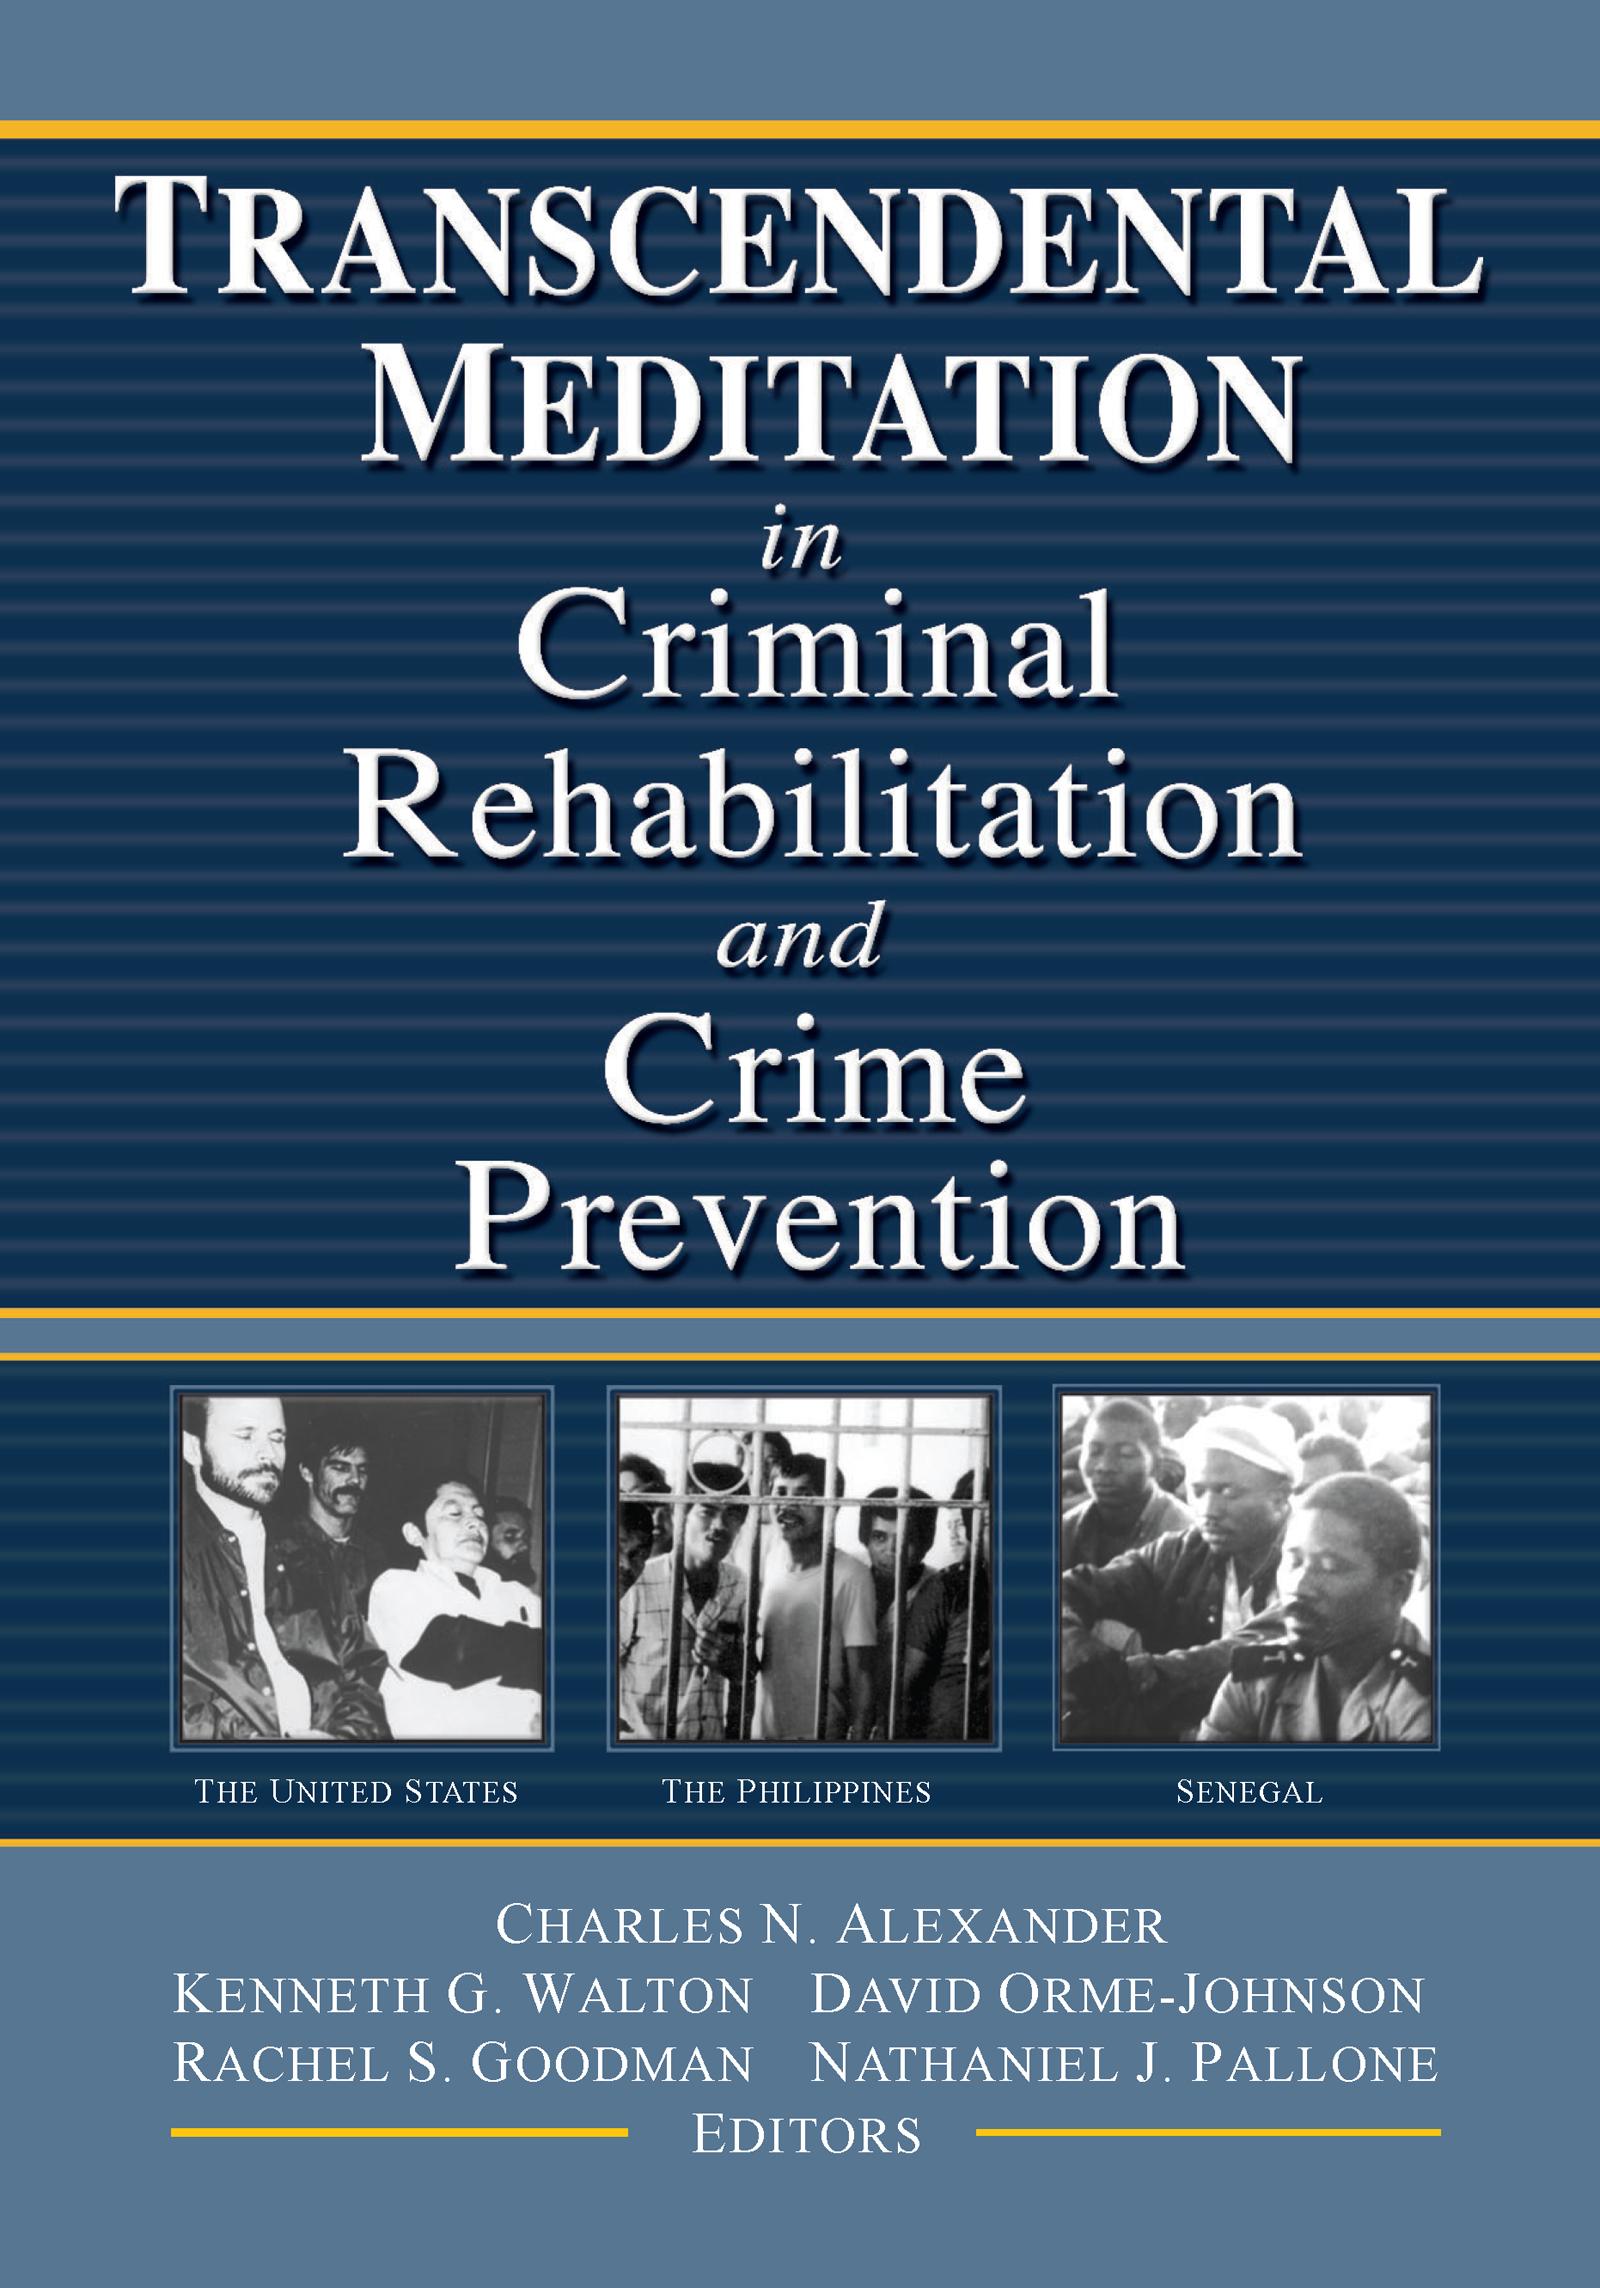 Transcendental Meditation® in Criminal Rehabilitation and Crime Prevention: 1st Edition (Hardback) book cover